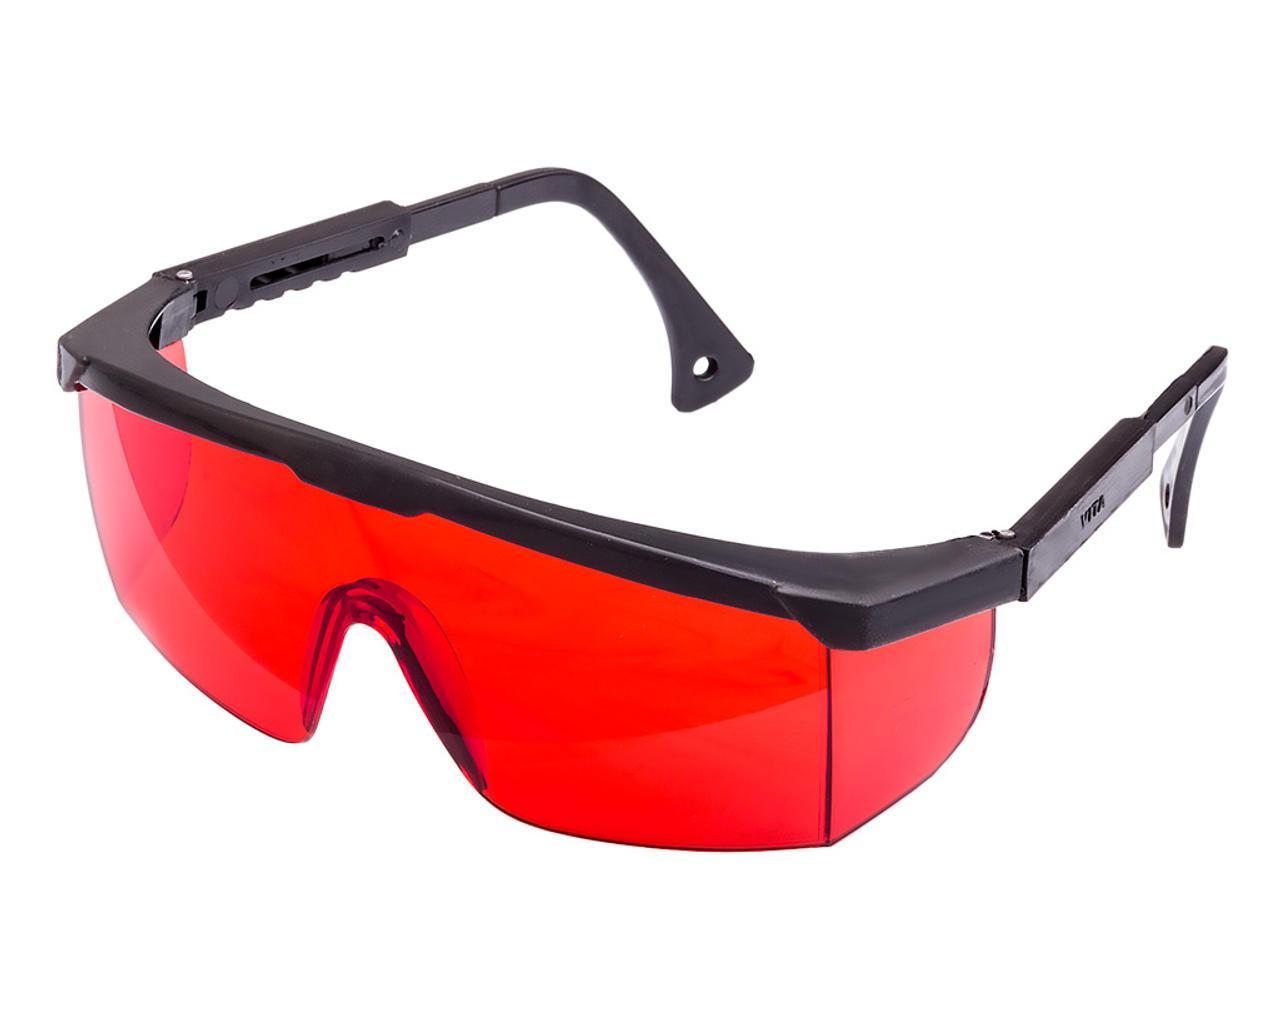 Очки защитные Комфорт-к красные для лазера с регулируемой дужкой